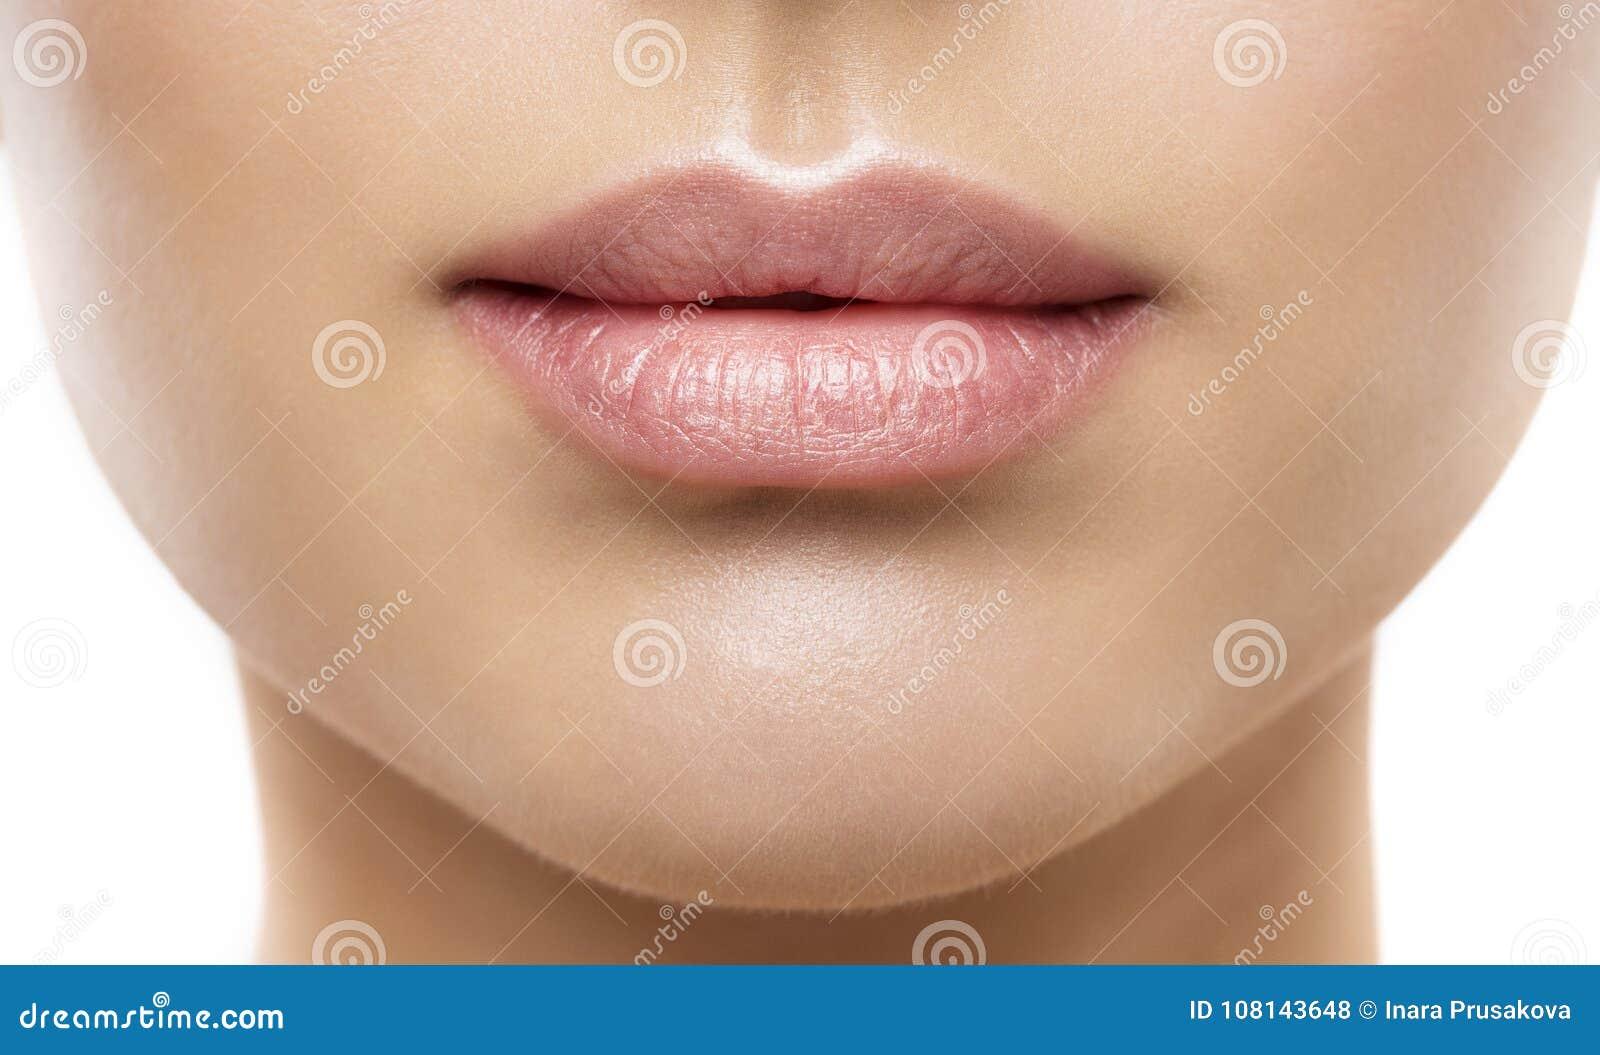 嘴唇秀丽特写镜头,妇女自然面孔组成,桃红色唇膏